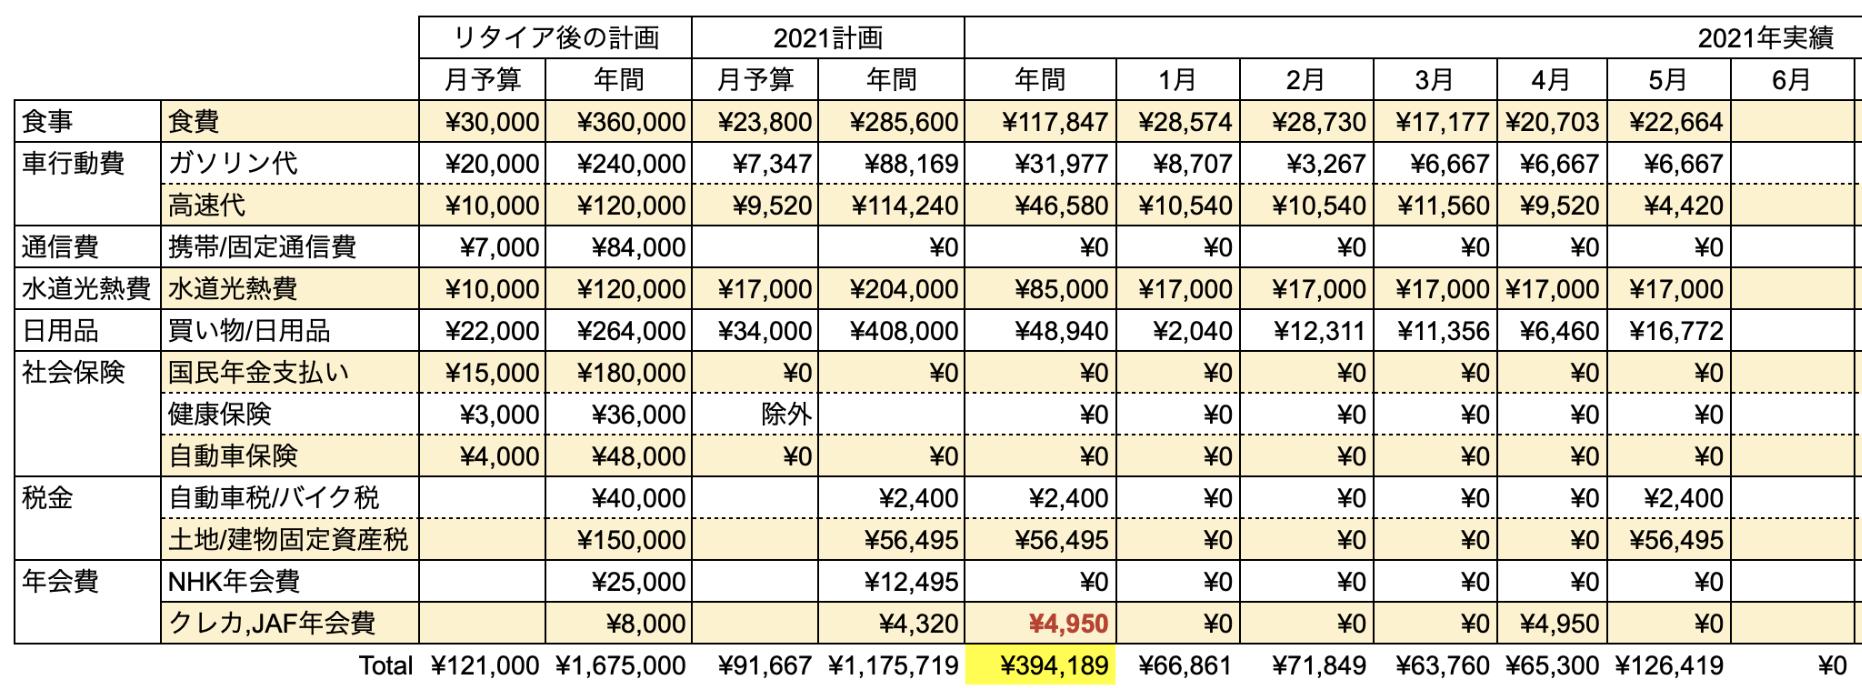 支出実績2021年5月_生活費